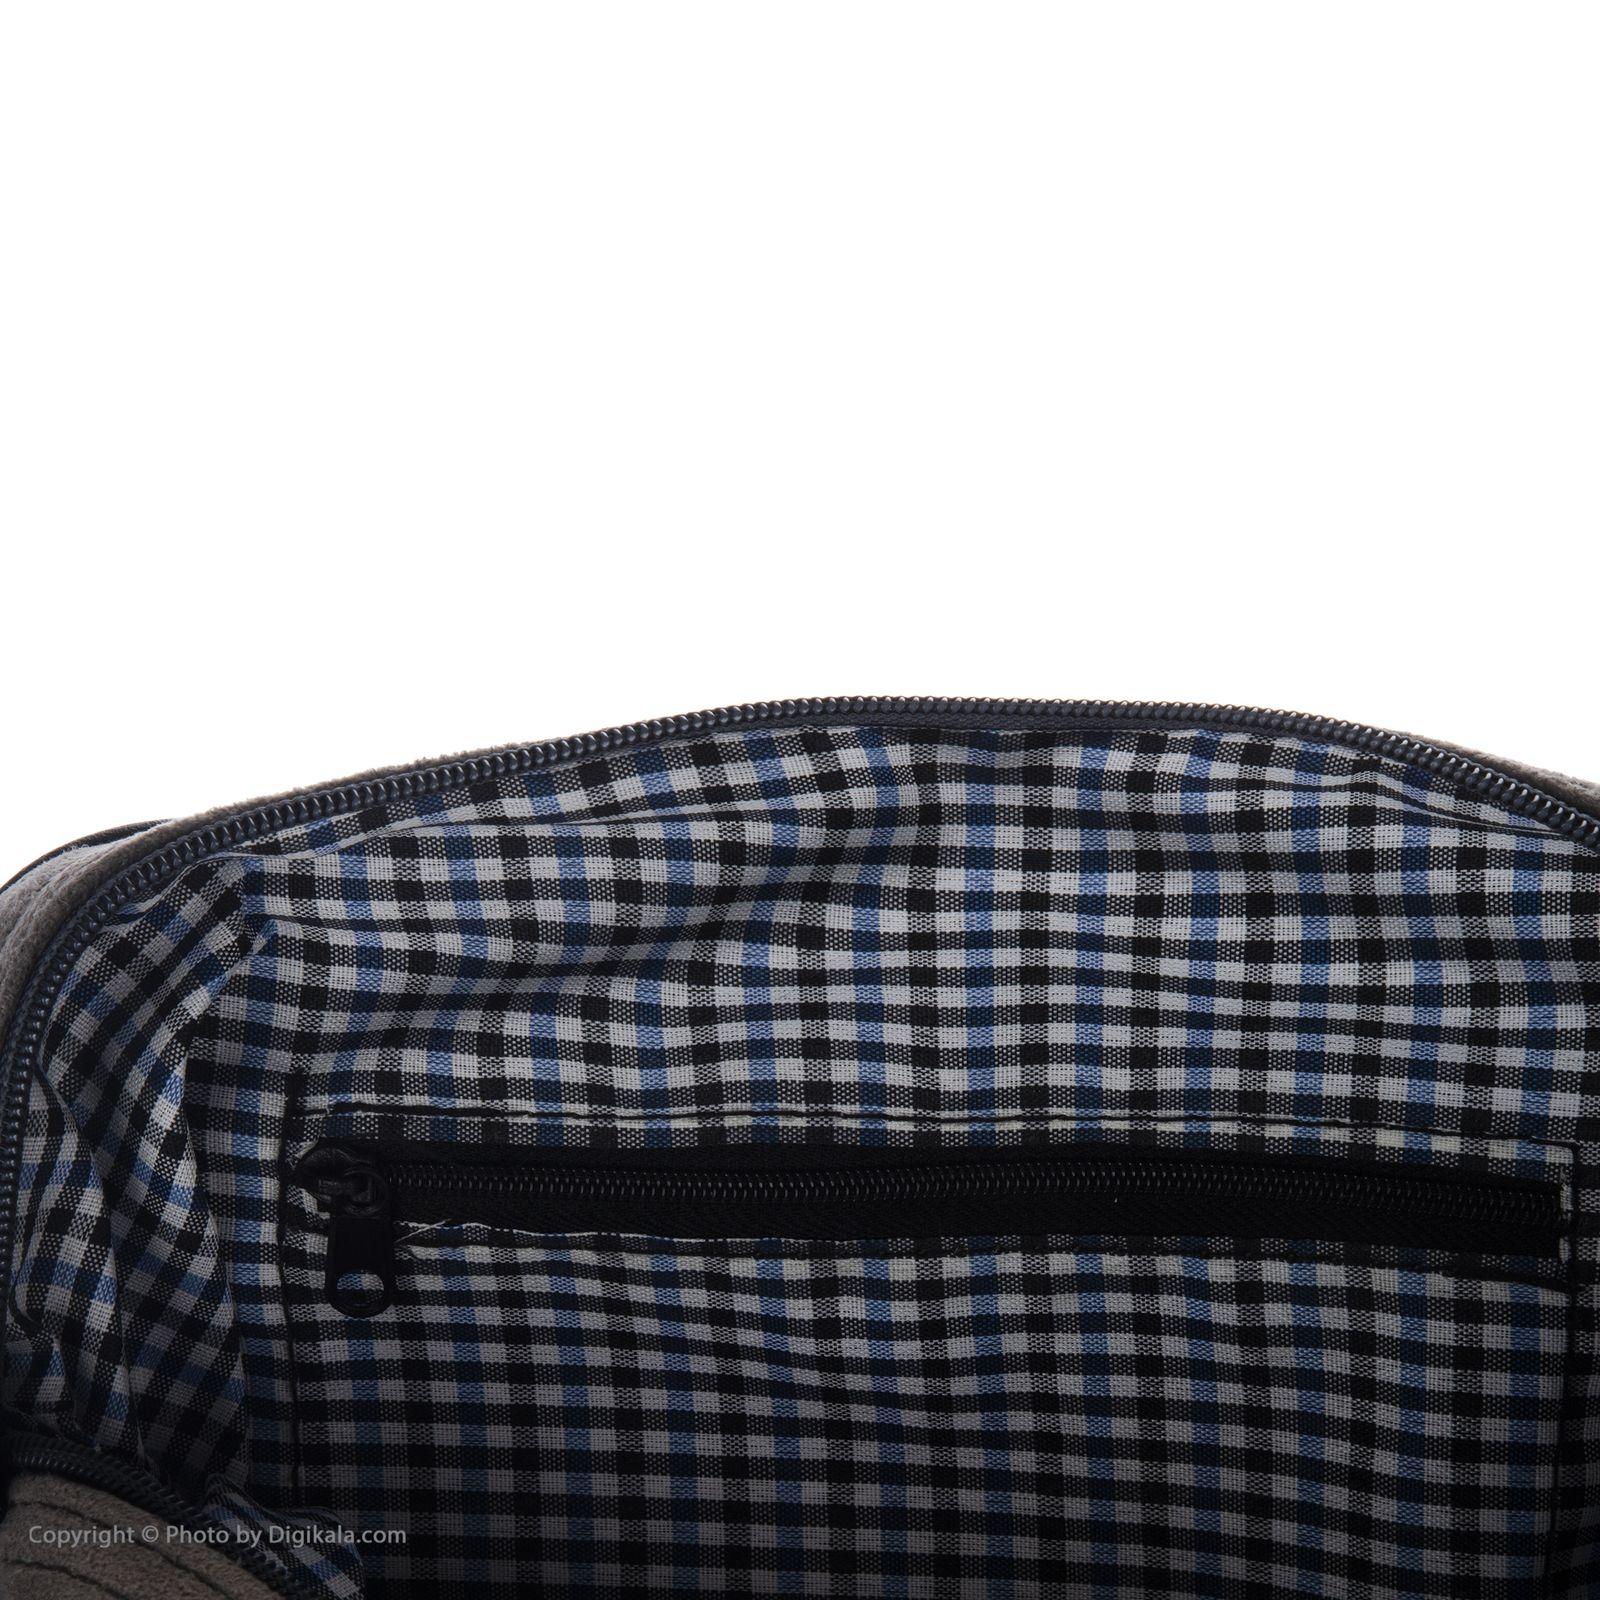 کیف رودوشی زنانه میو مدل MBSP170 -  - 4